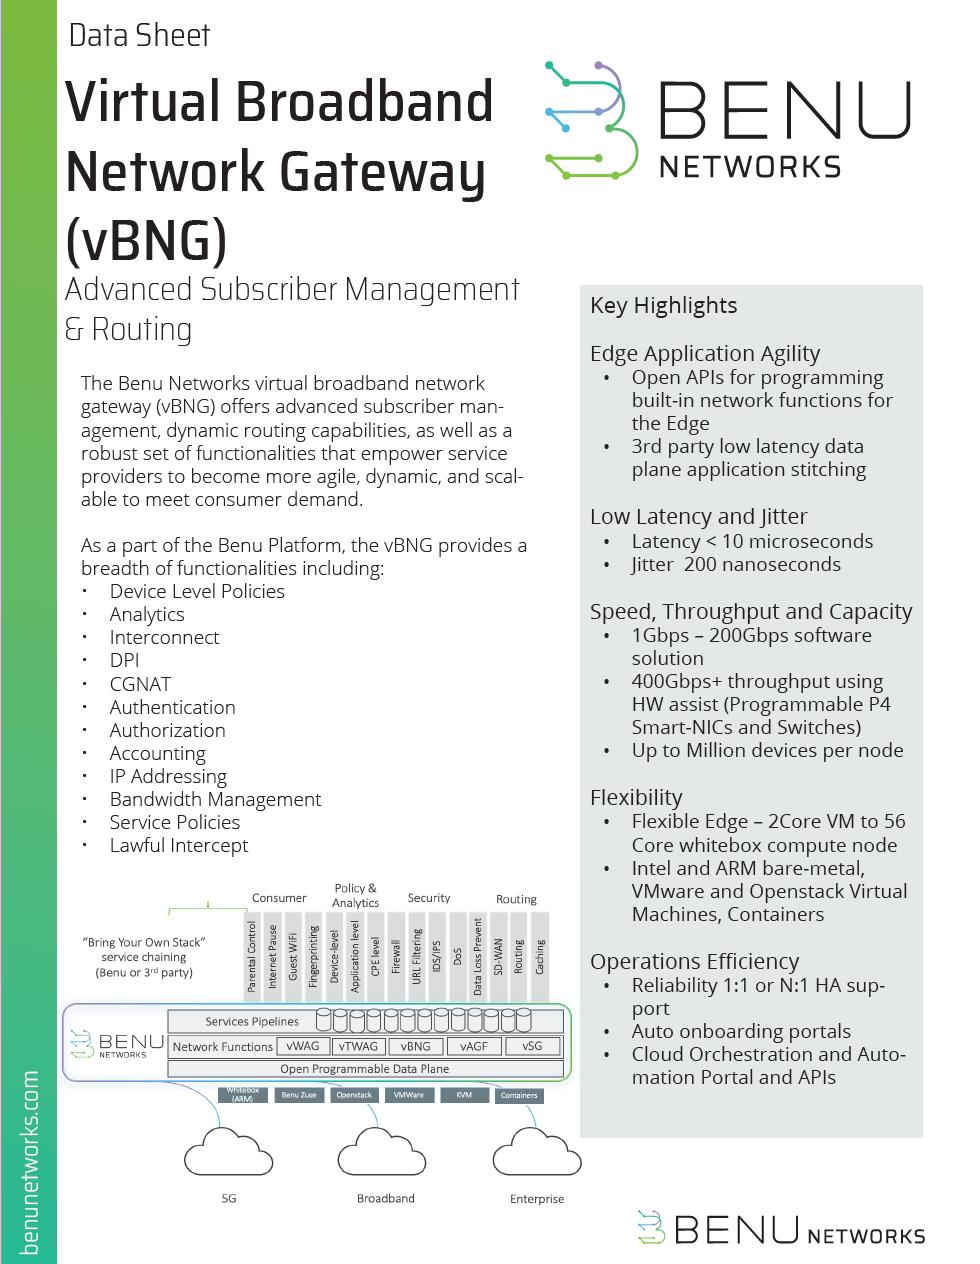 virtual broadband network gateway data sheet